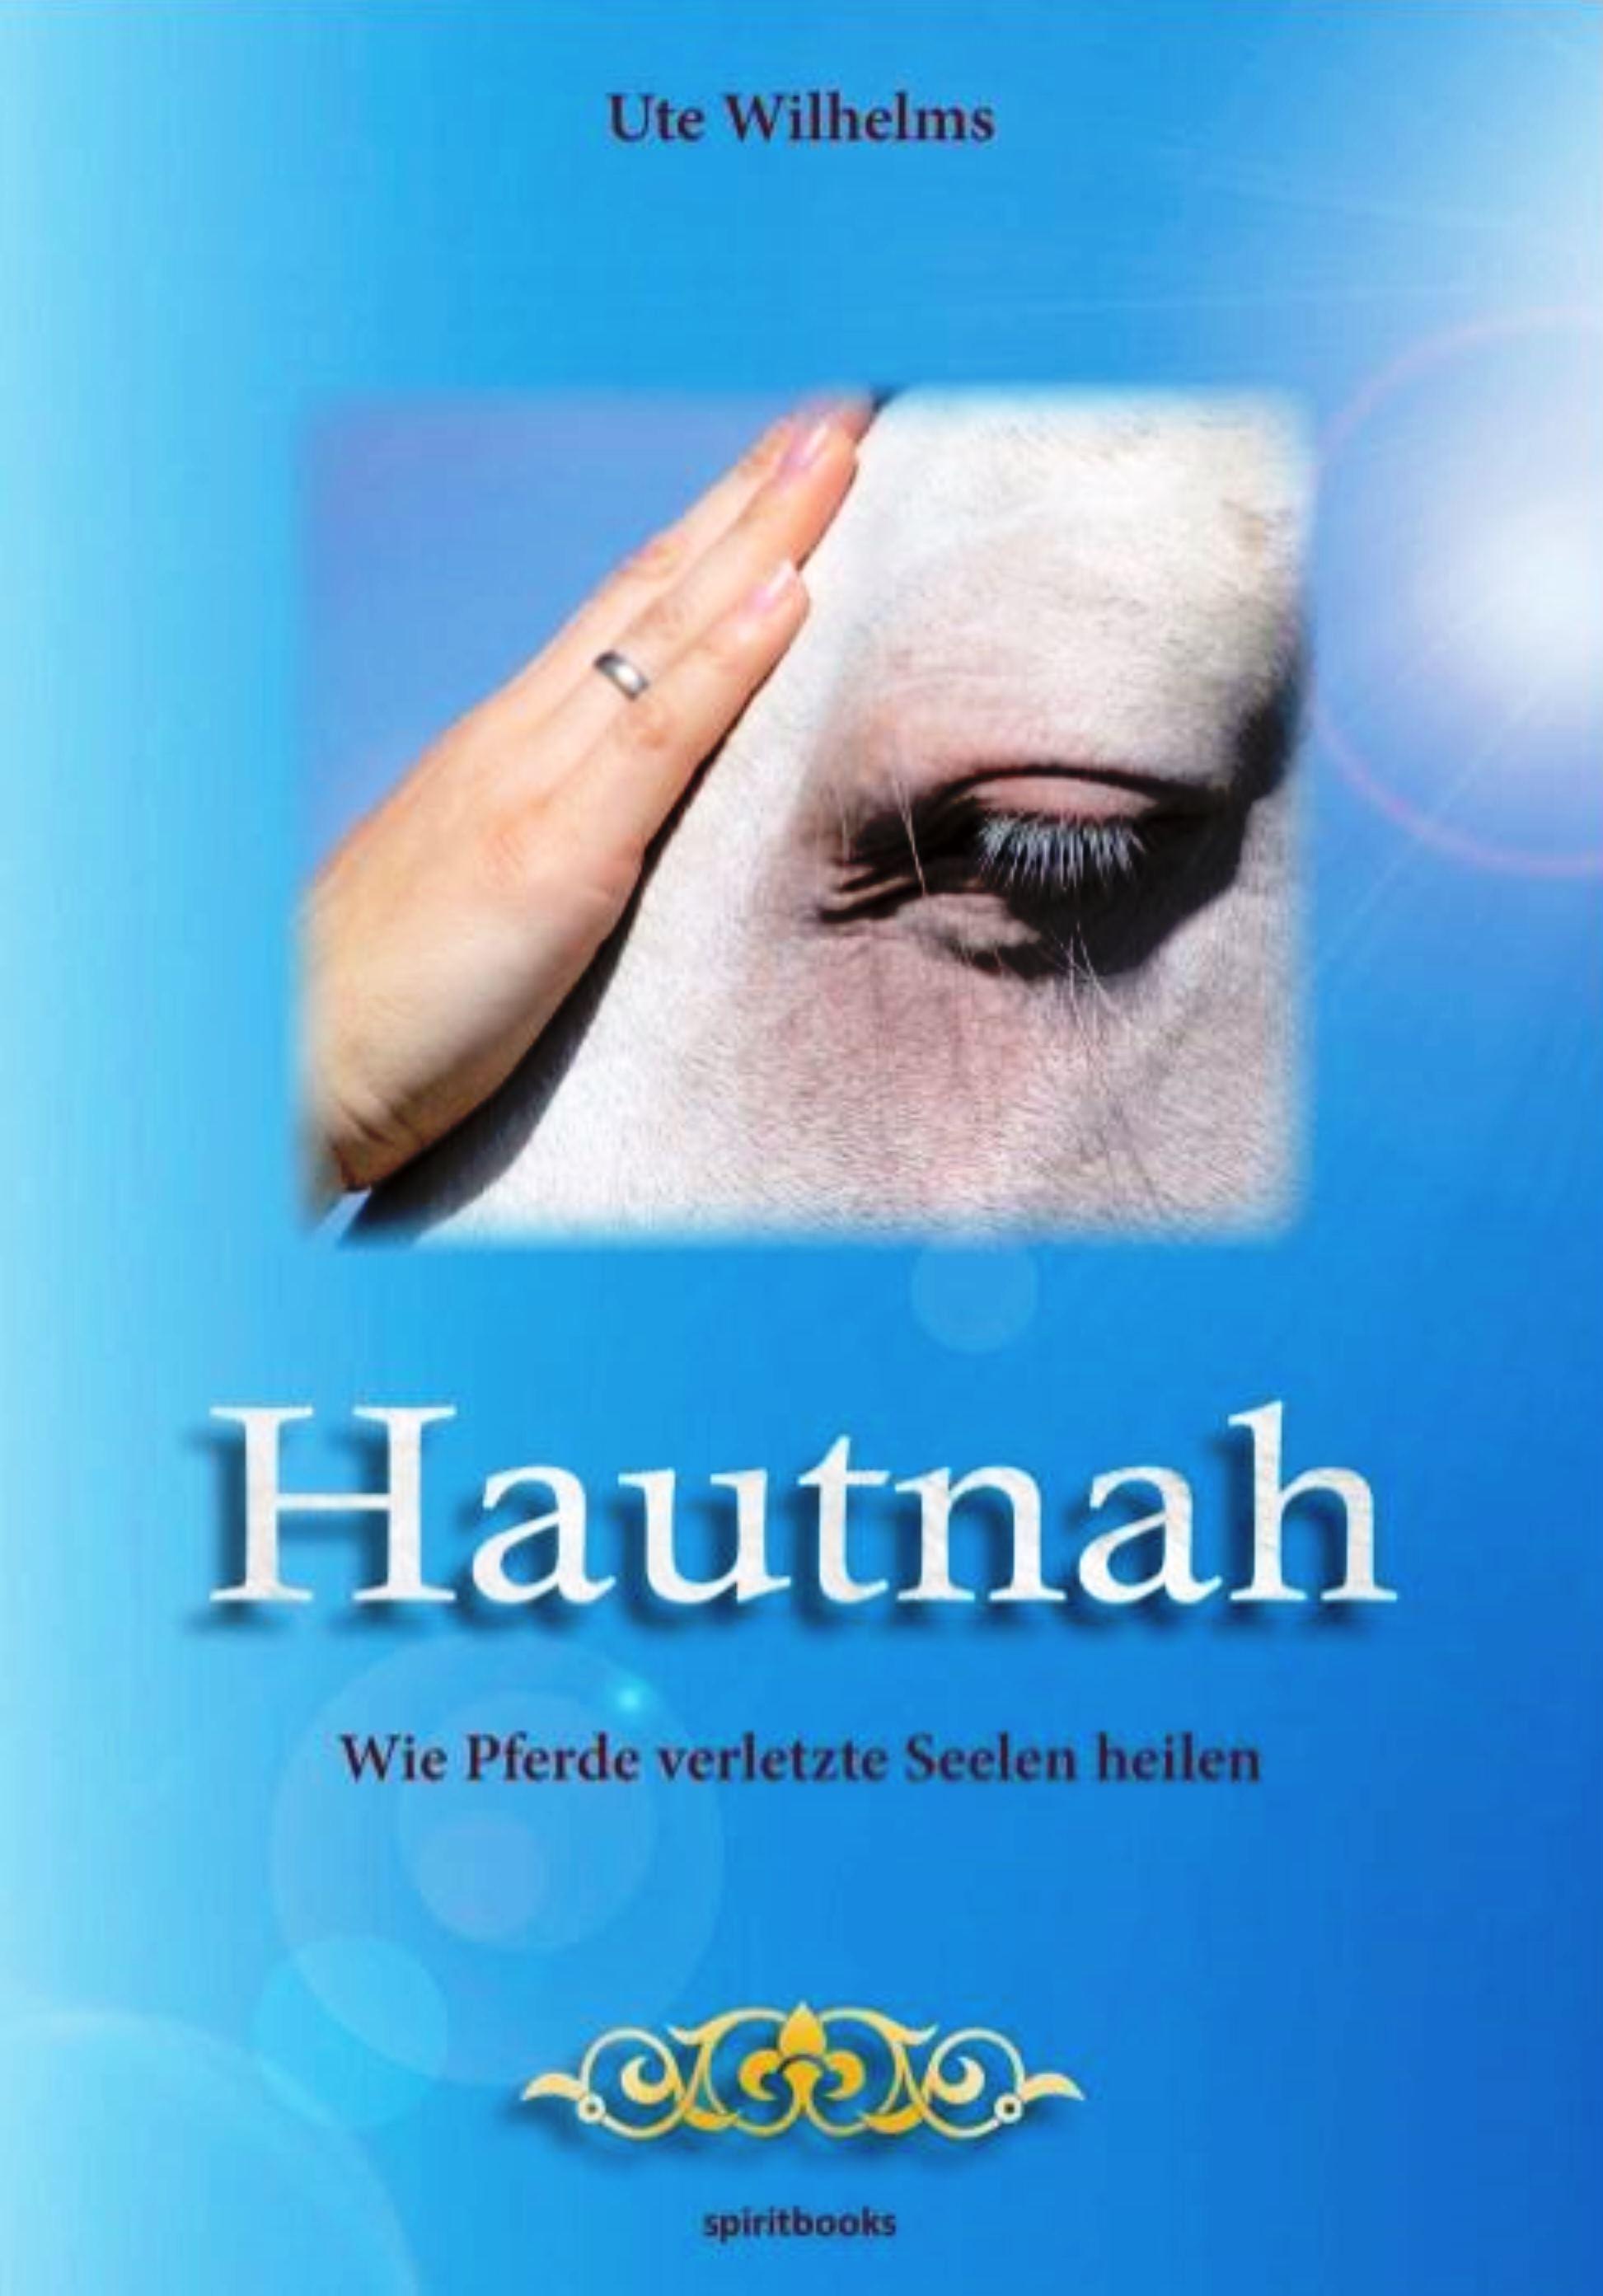 Ute Wilhelms Hautnah - Wie Pferde verletzte Seelen heilen kaiser wilhelms universität strassburg dissertationes philologicae argentoratenses selectae volume 12 latin edition